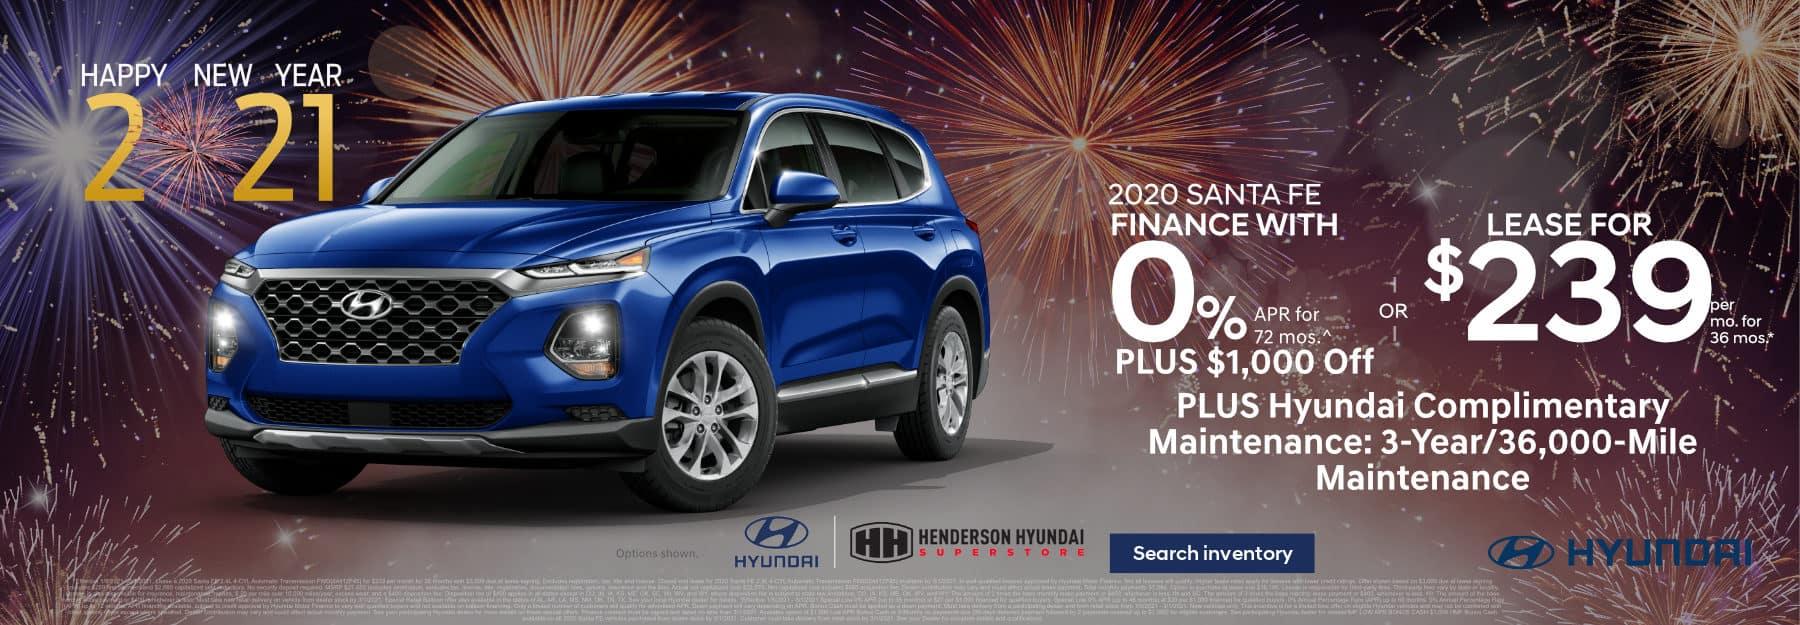 January_2021_Santa Fe_Henderson_Hyundai